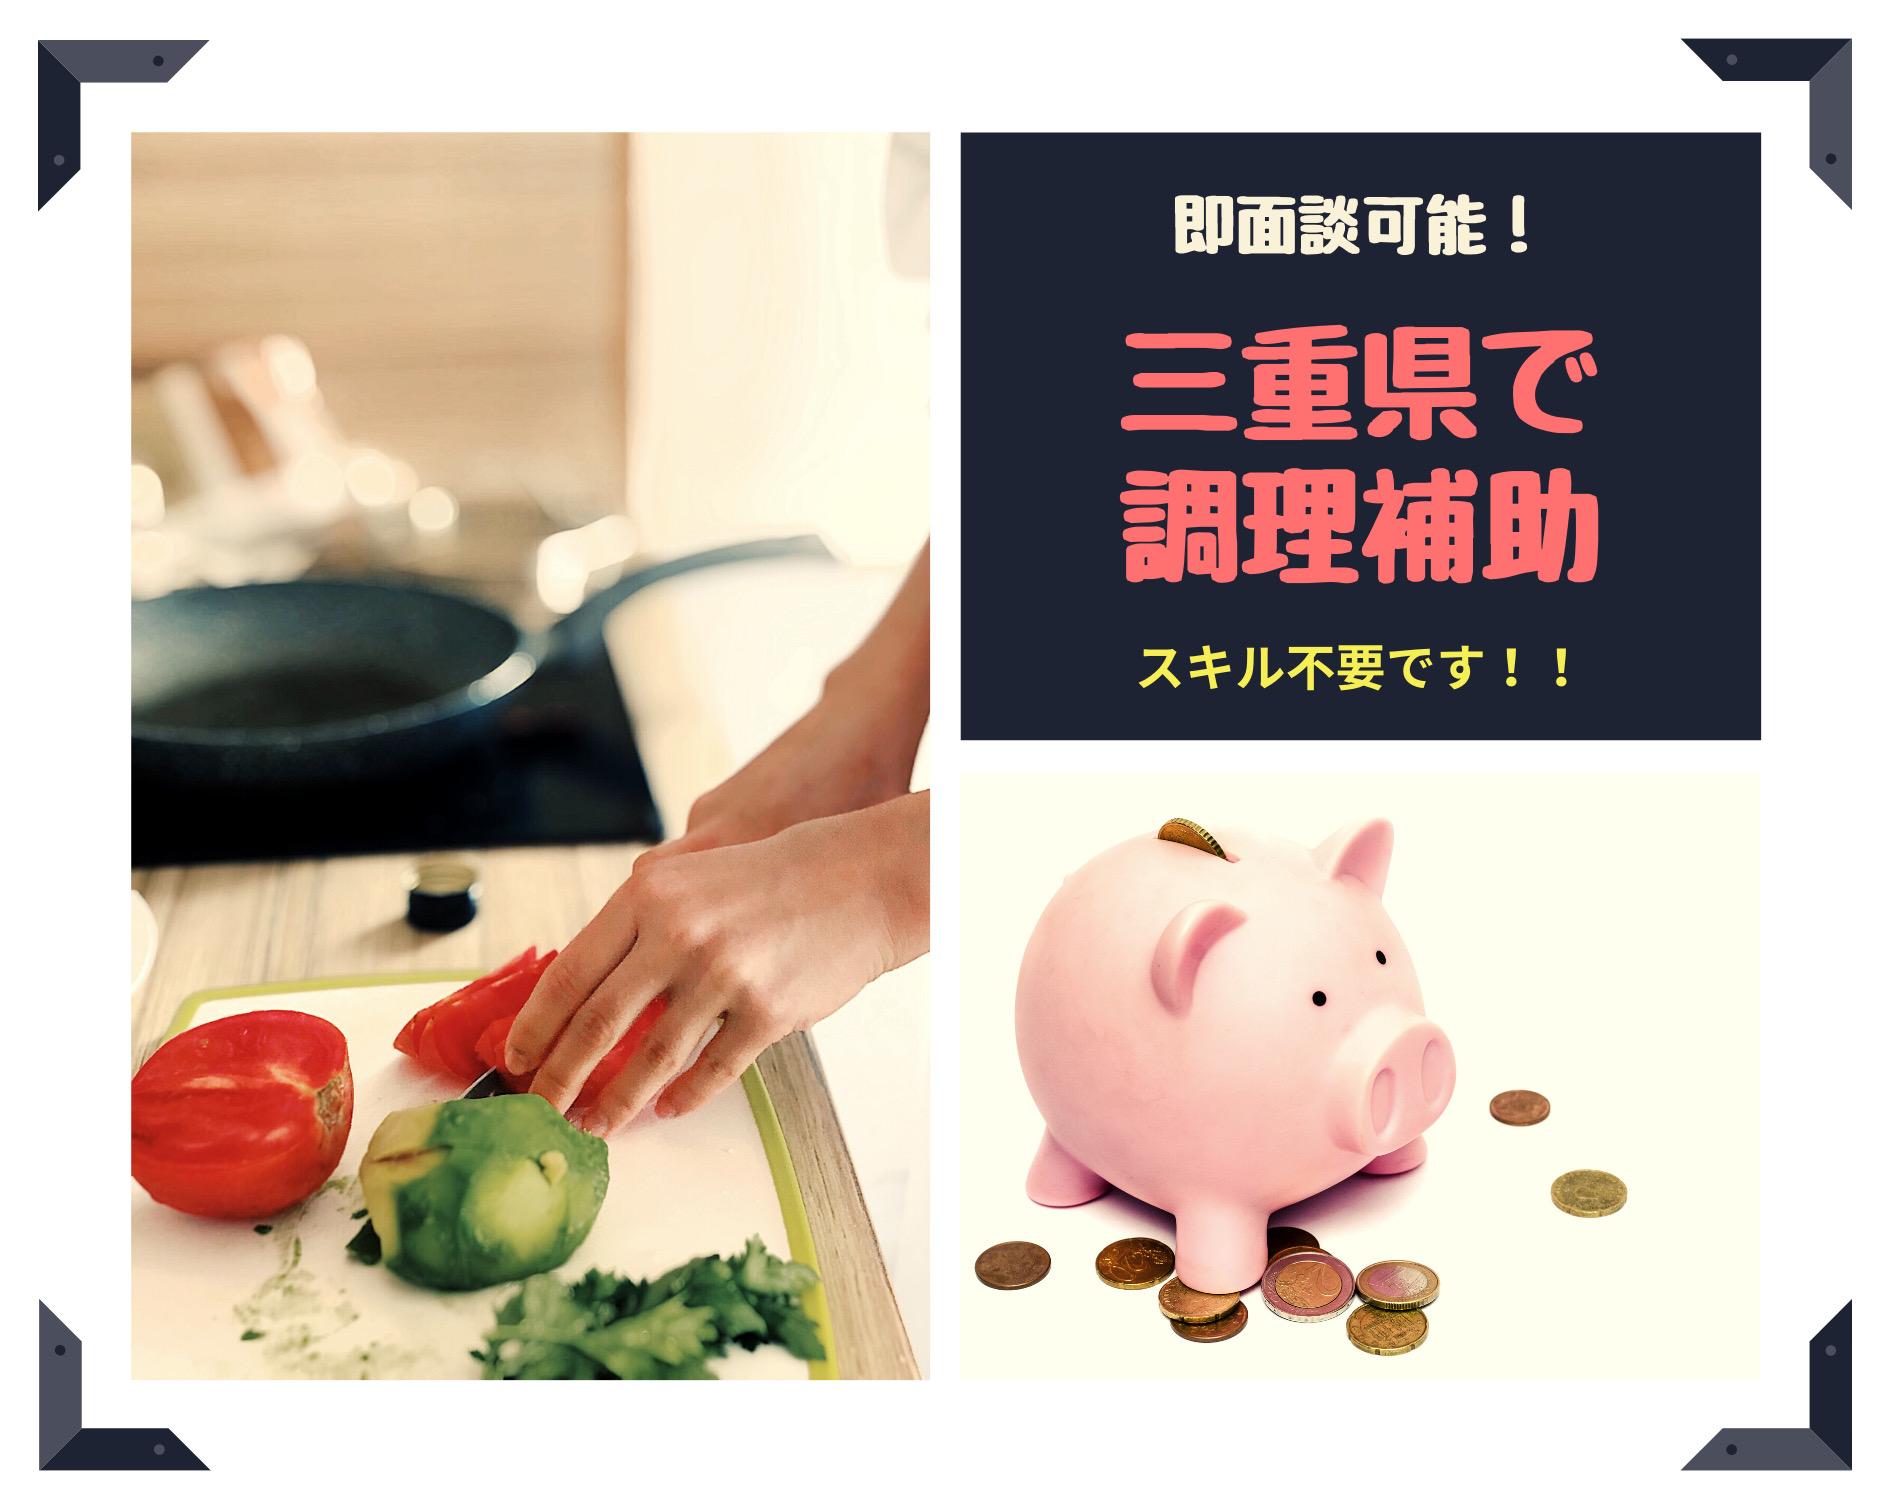 【急募】時給1100円の調理補助スタッフ!スキルや経験不要☆彡未経験OK!! イメージ